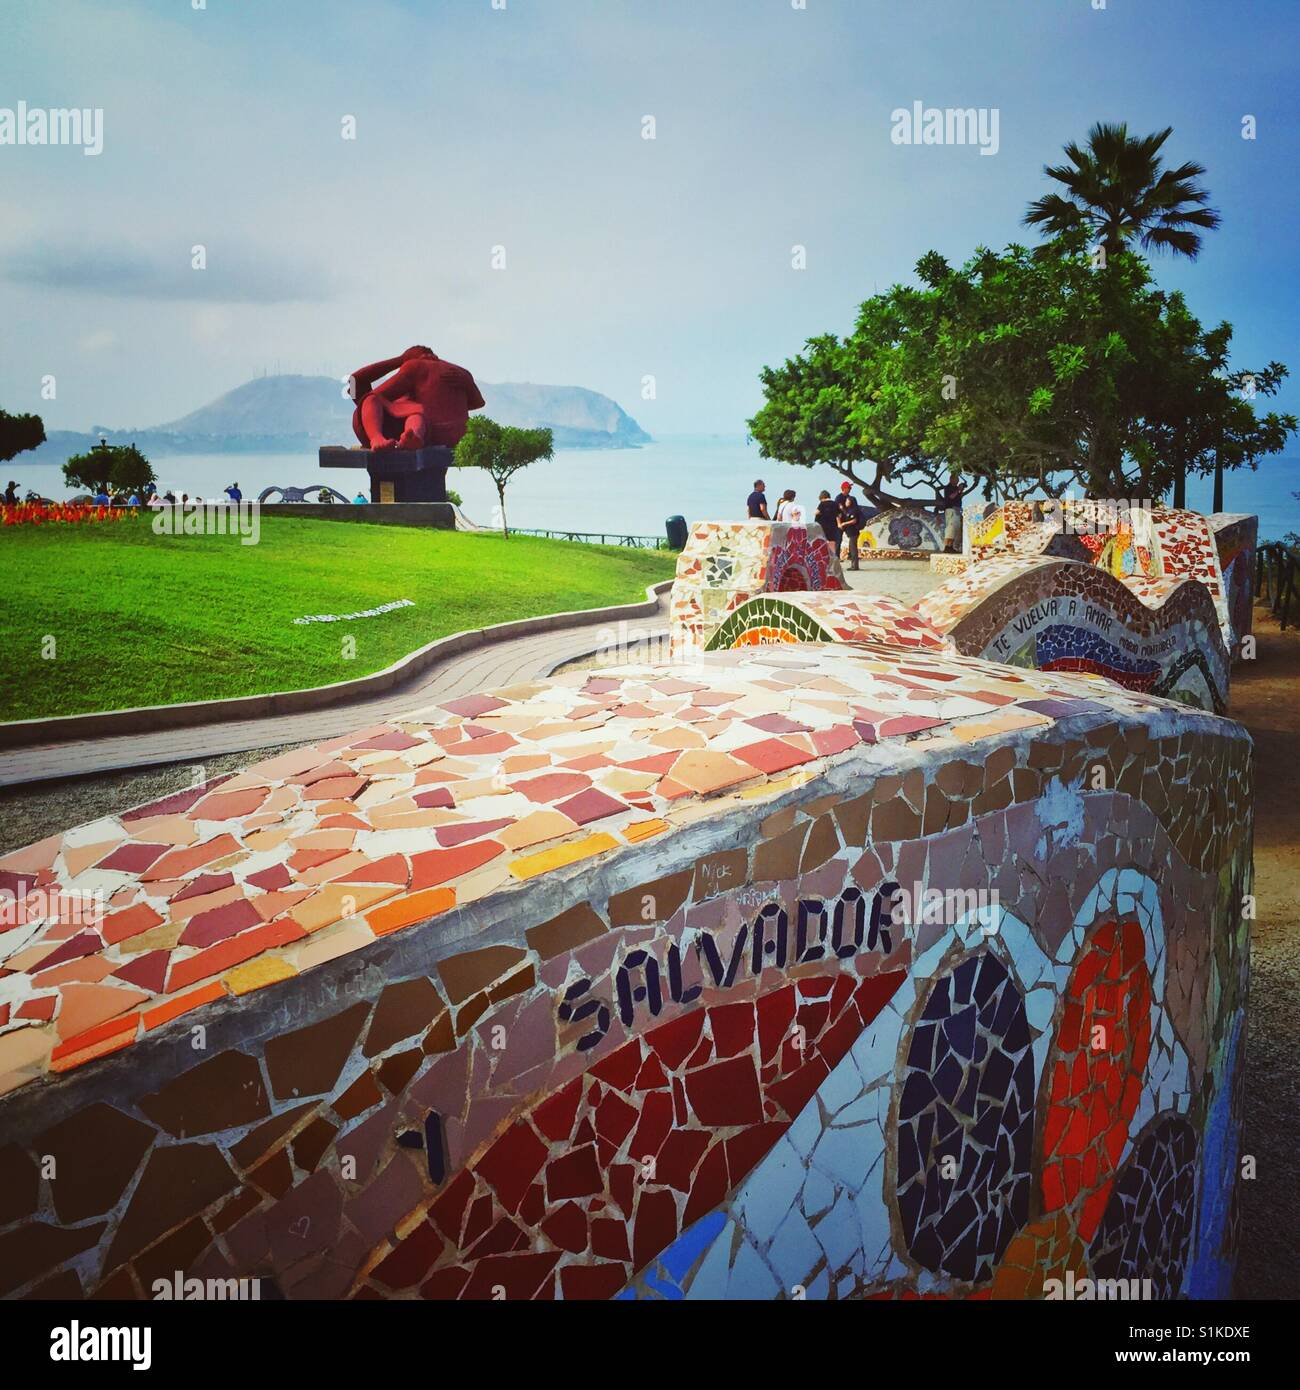 Banco de mosaico en el Parque del Amor en Lima, Perú Imagen De Stock